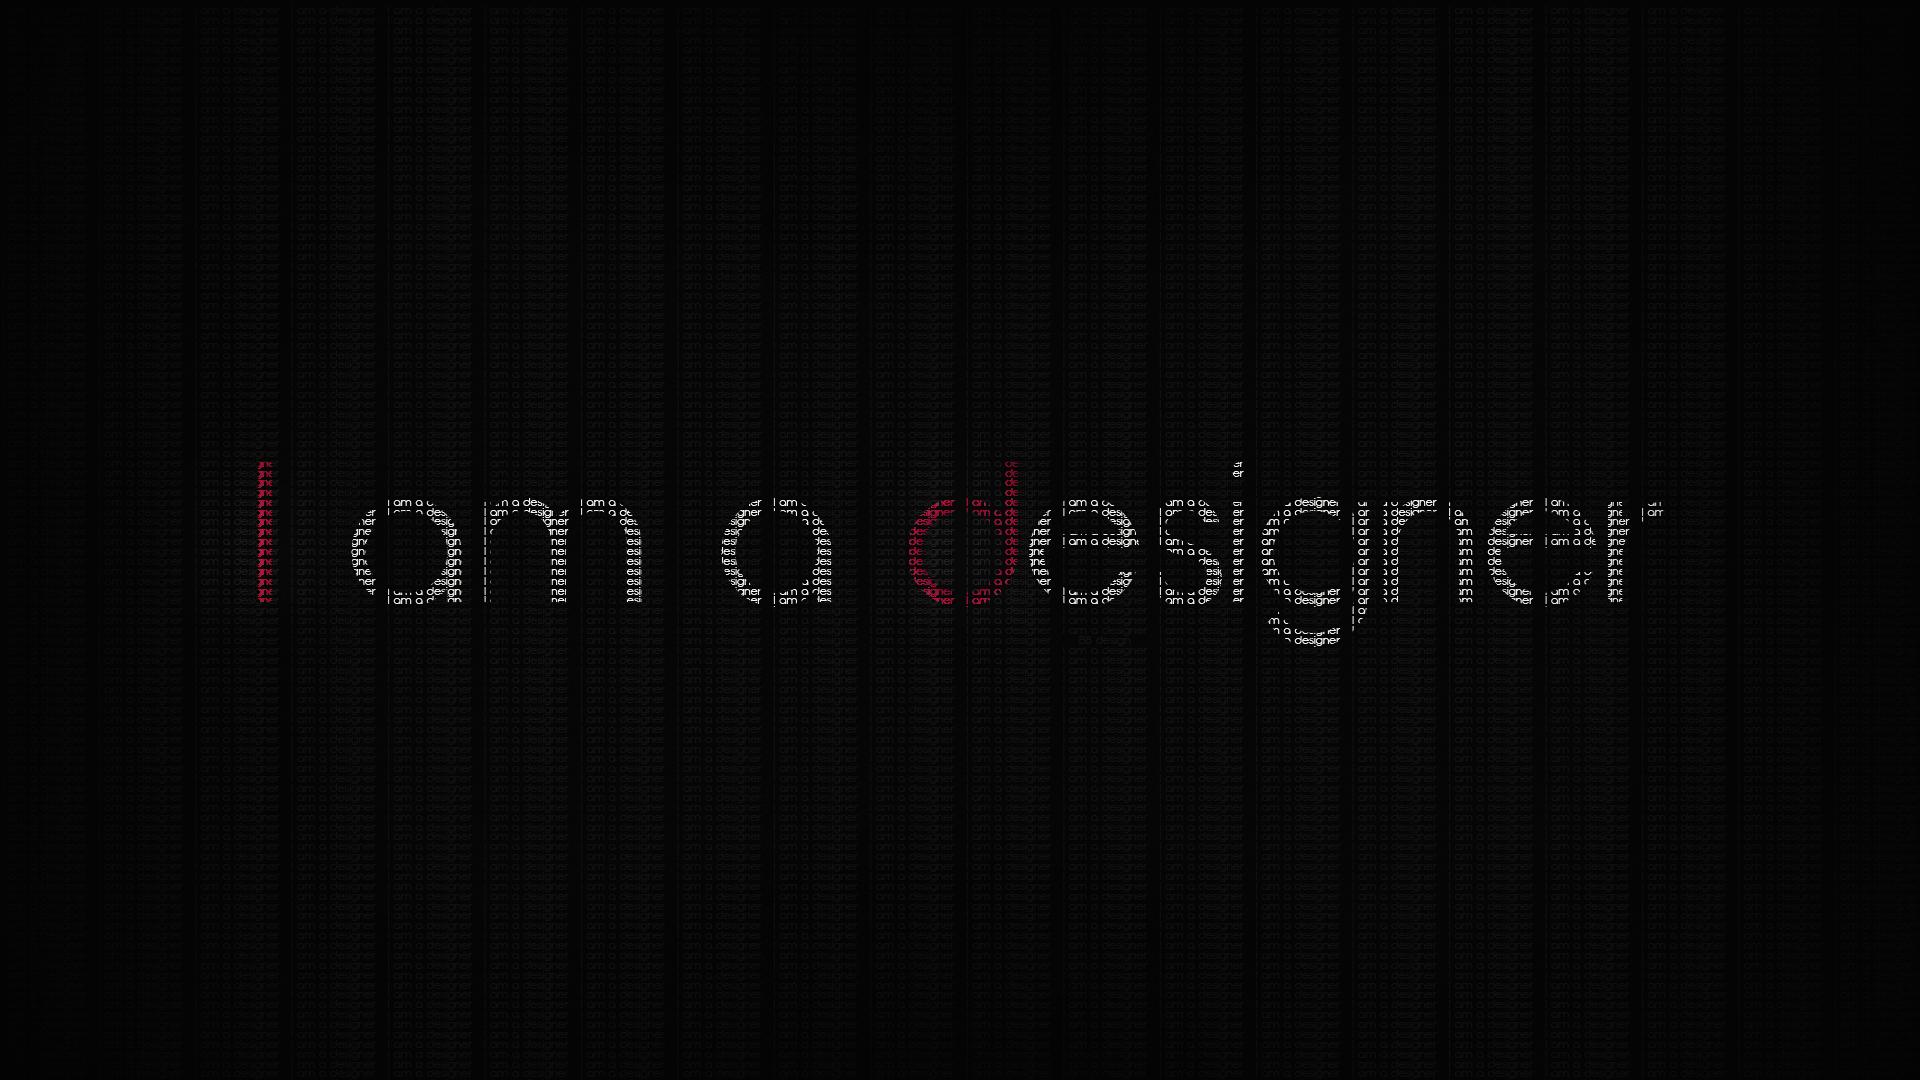 am a designer by balint4 on DeviantArt: balint4.deviantart.com/art/I-am-a-designer-323531731